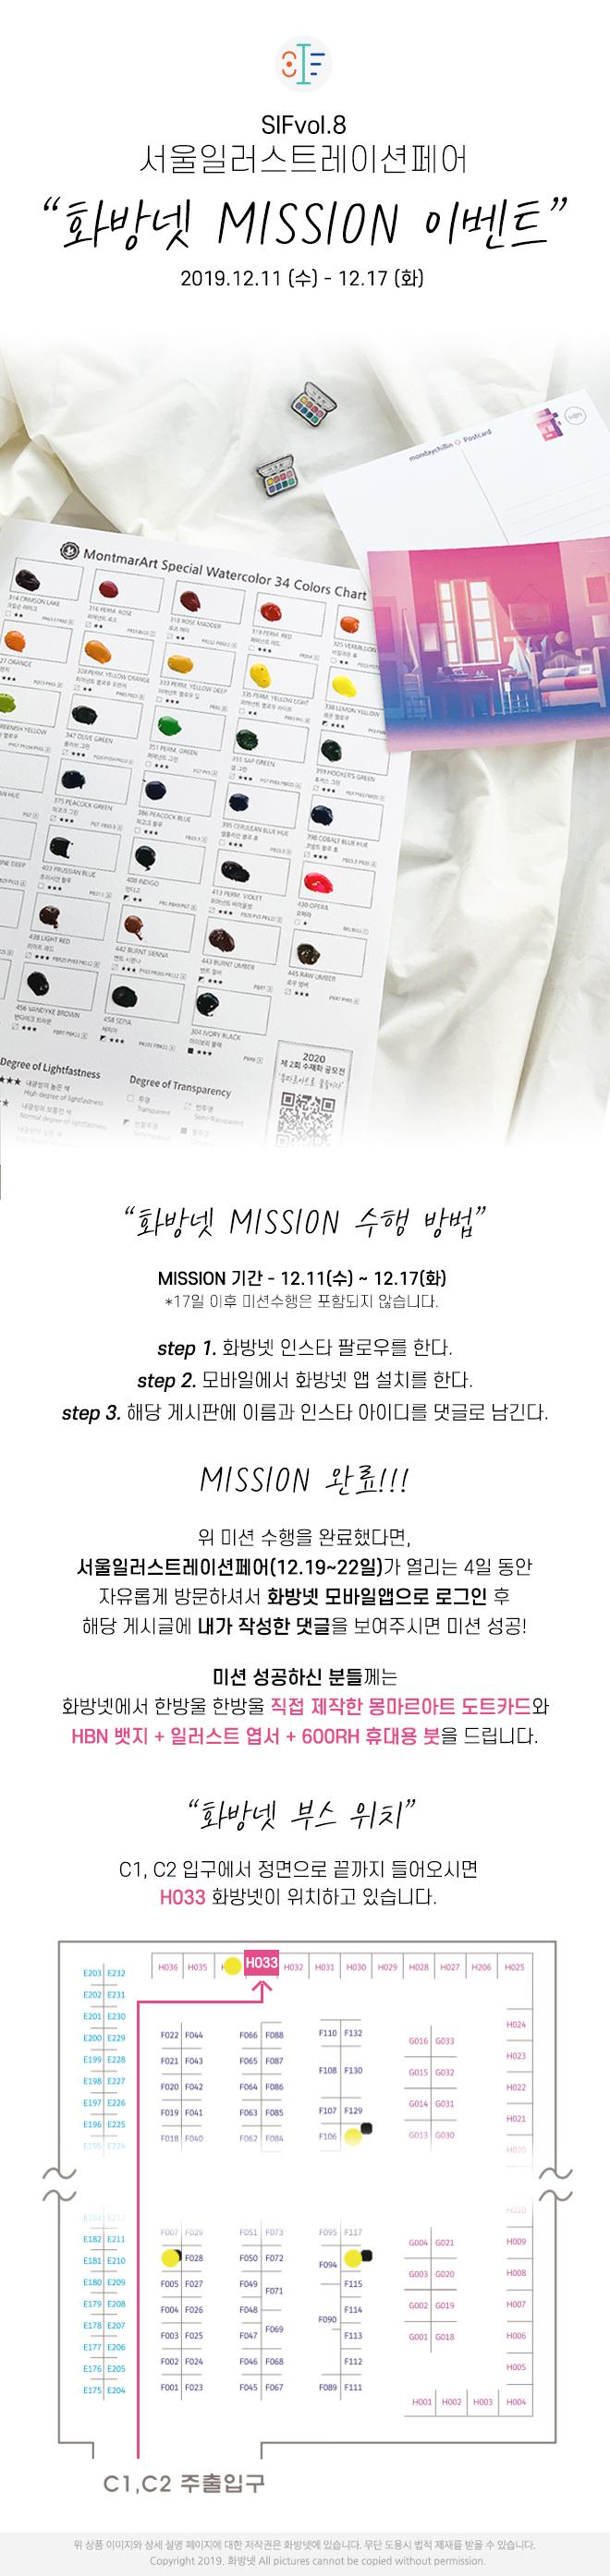 서울 일러스트레이션 페어 화방넷 이벤트